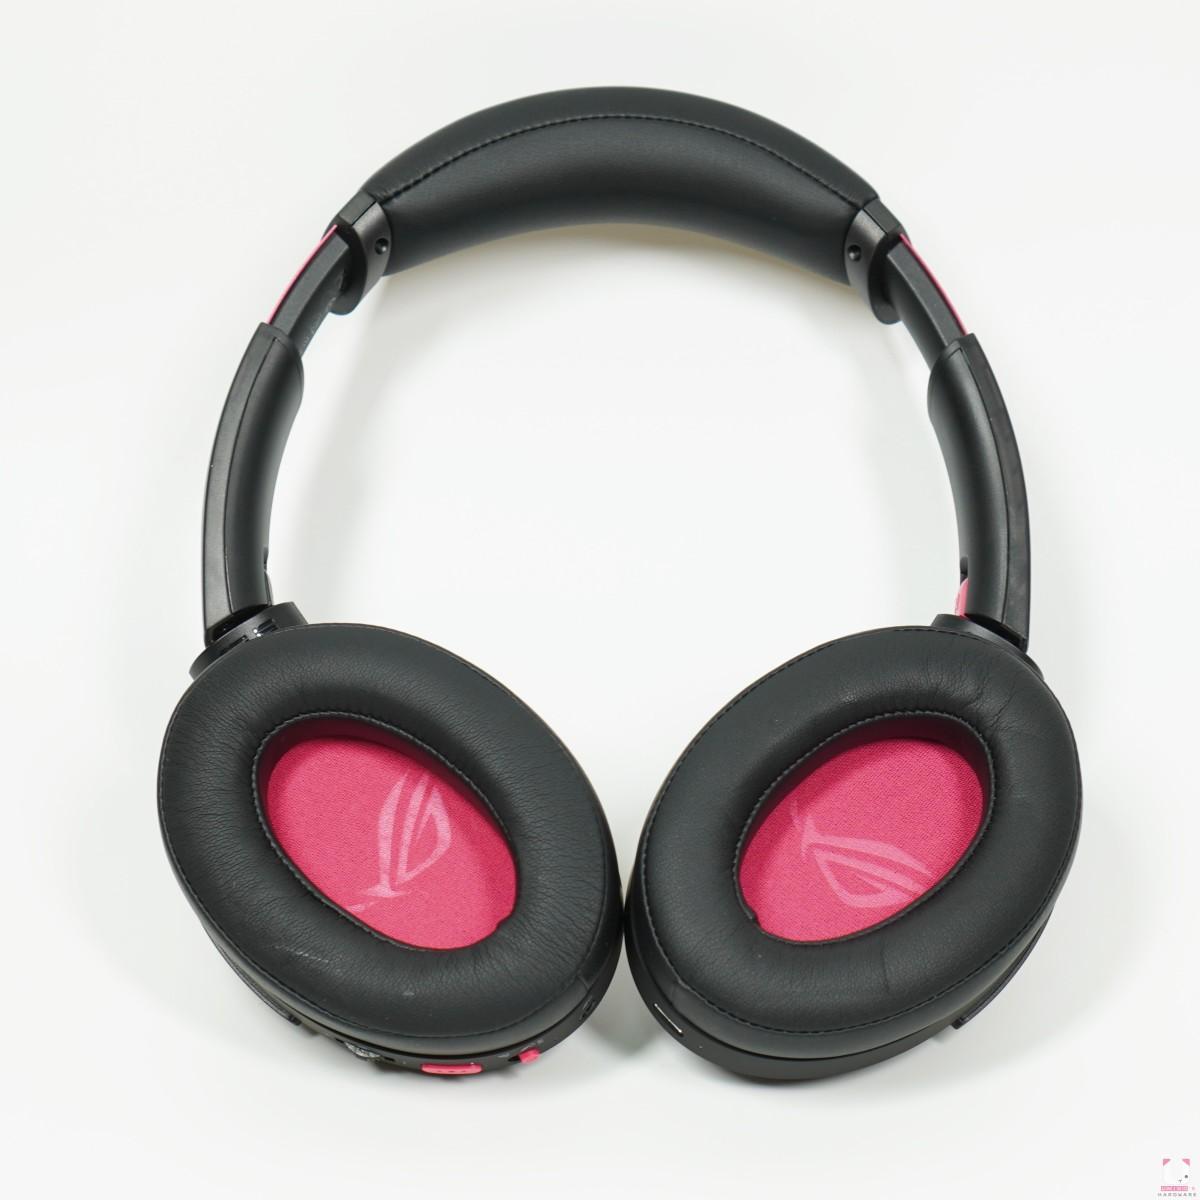 獨家氣密腔體及 40 mm ASUS Essence 驅動單體,耳罩內側、下方的功能鍵和撥紐都變成電馭粉色,辨識度超高。